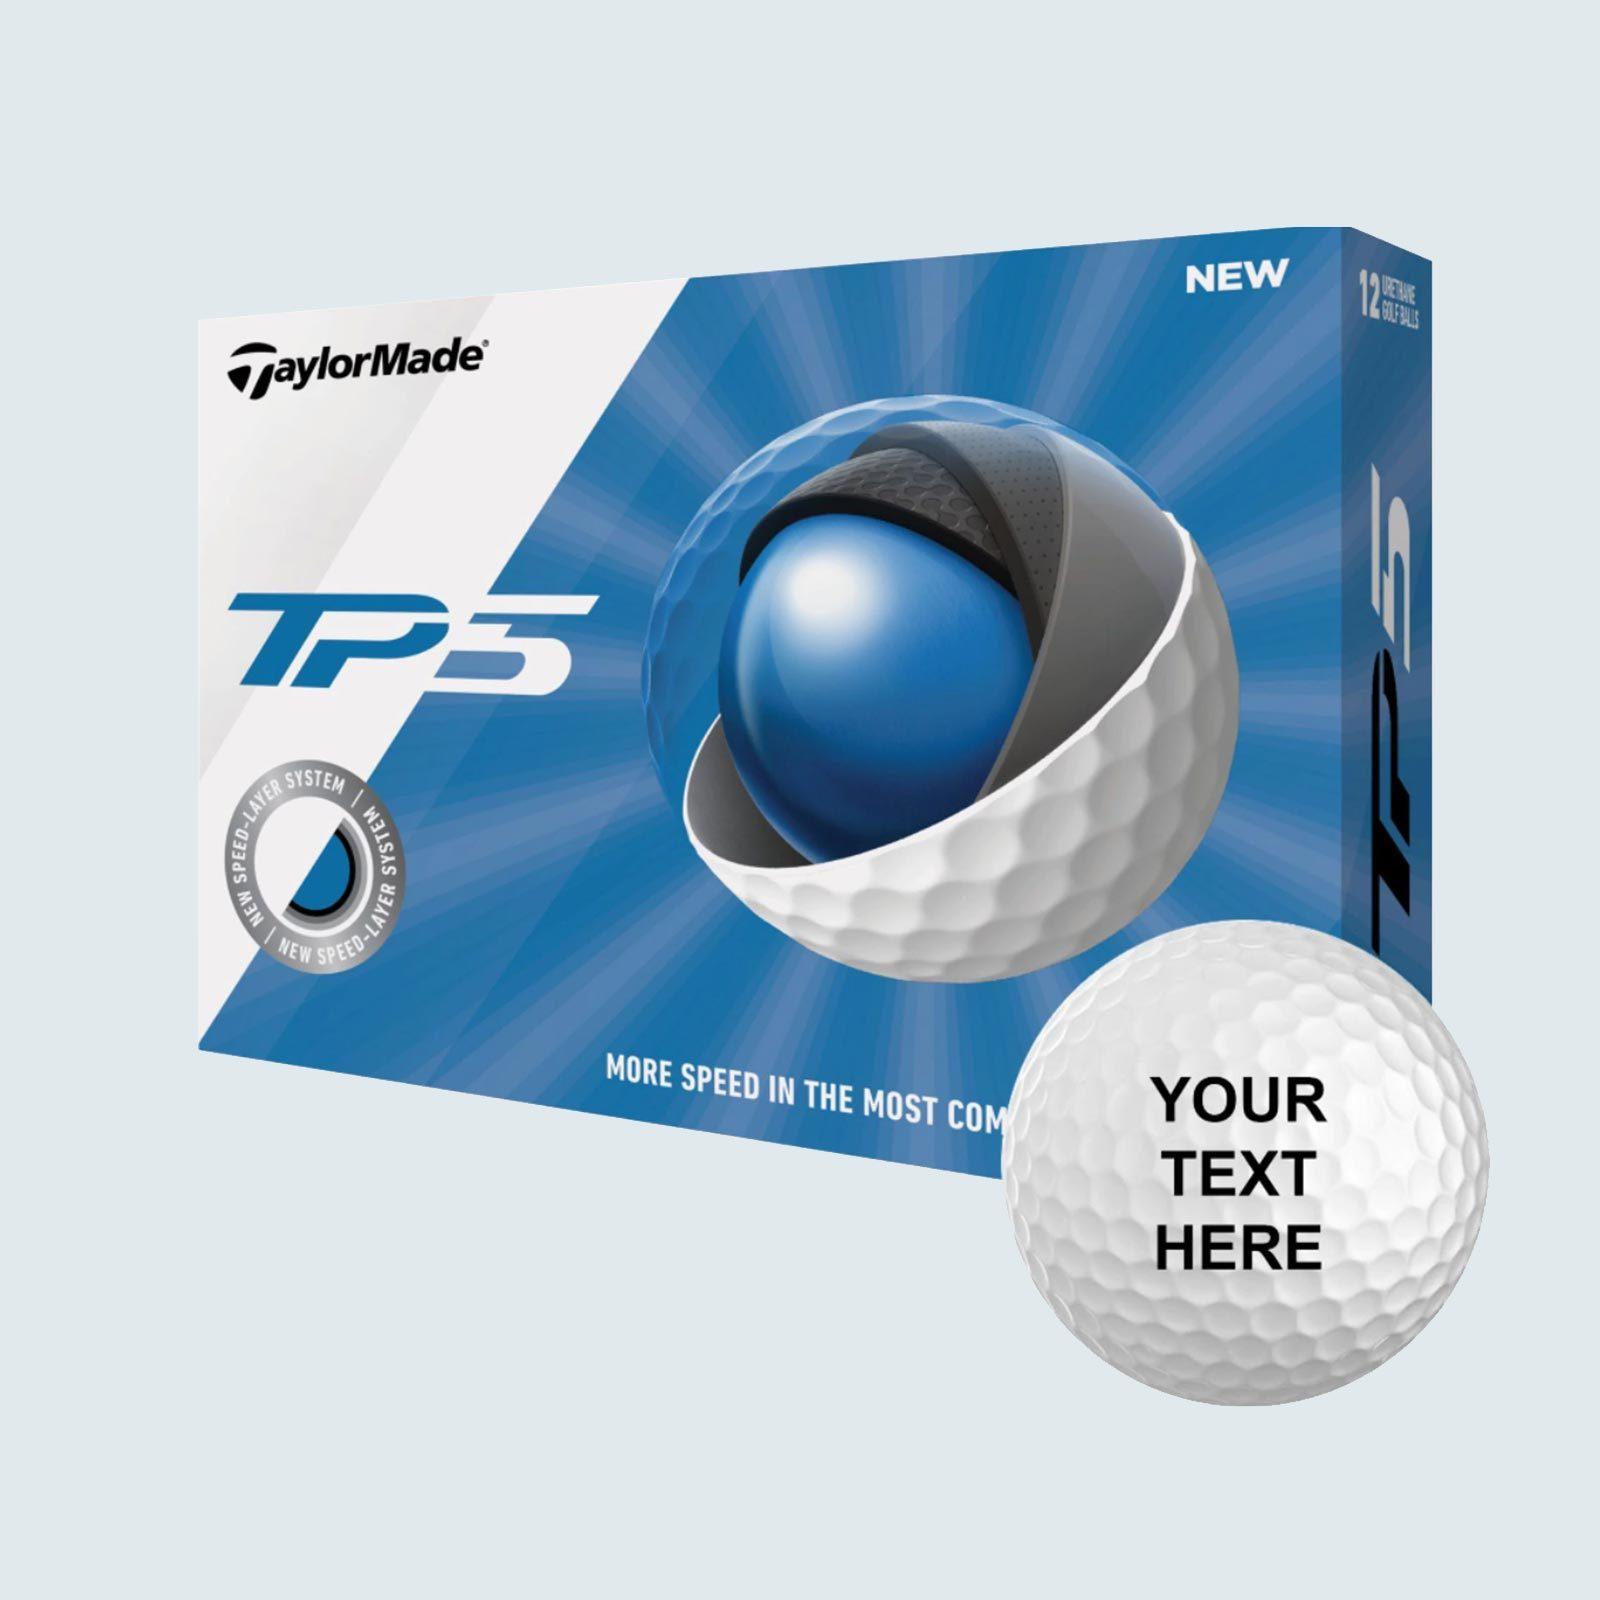 Tour golf balls